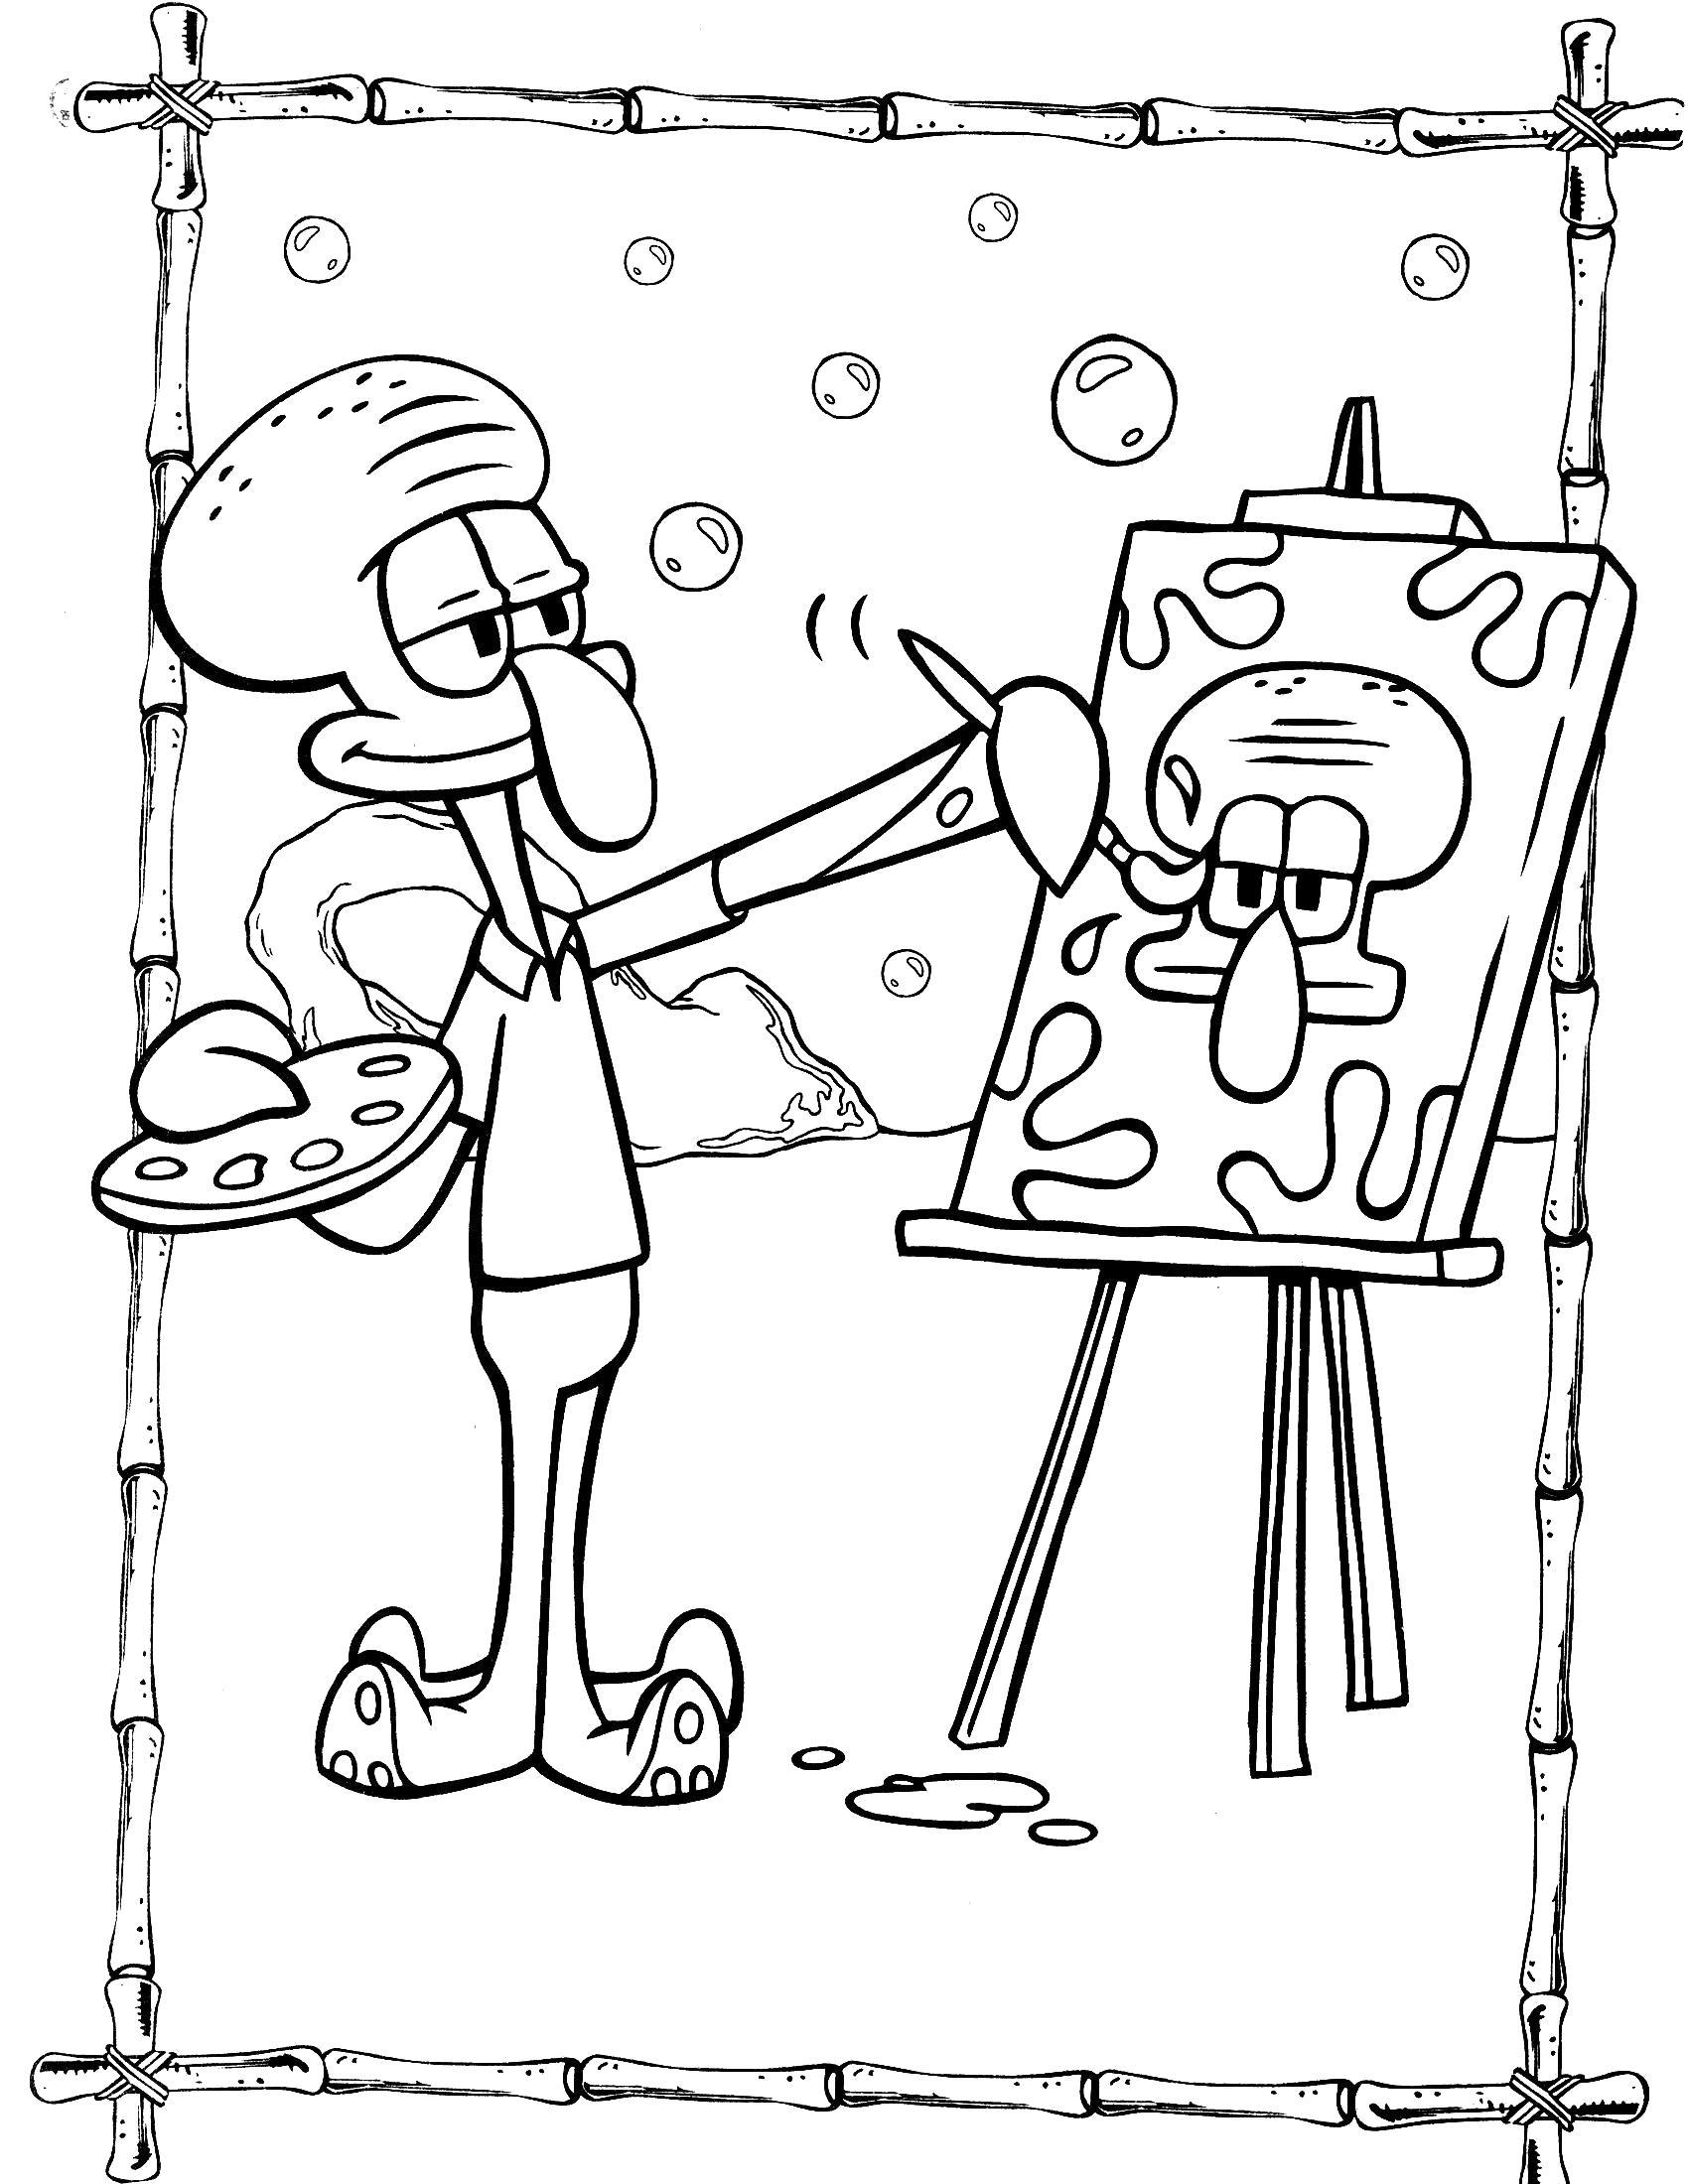 Раскраска Сквидвард рисует. Скачать Сквидвард.  Распечатать Спанч боб